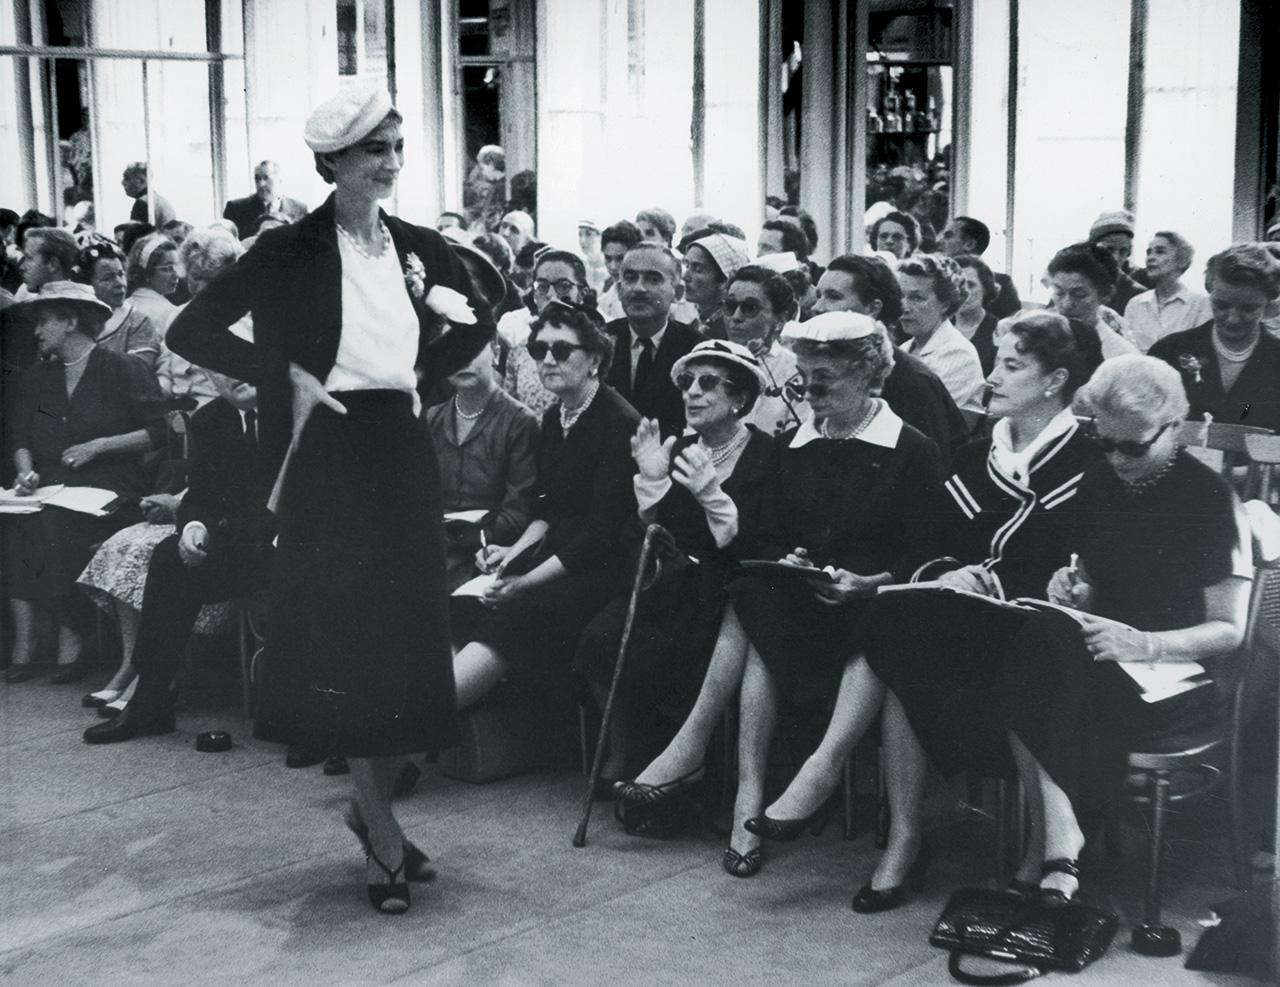 1955년 파리에서 열린 디올 쇼. 선글라스 너머로 쇼를 바라보고 있는 카멜 스노